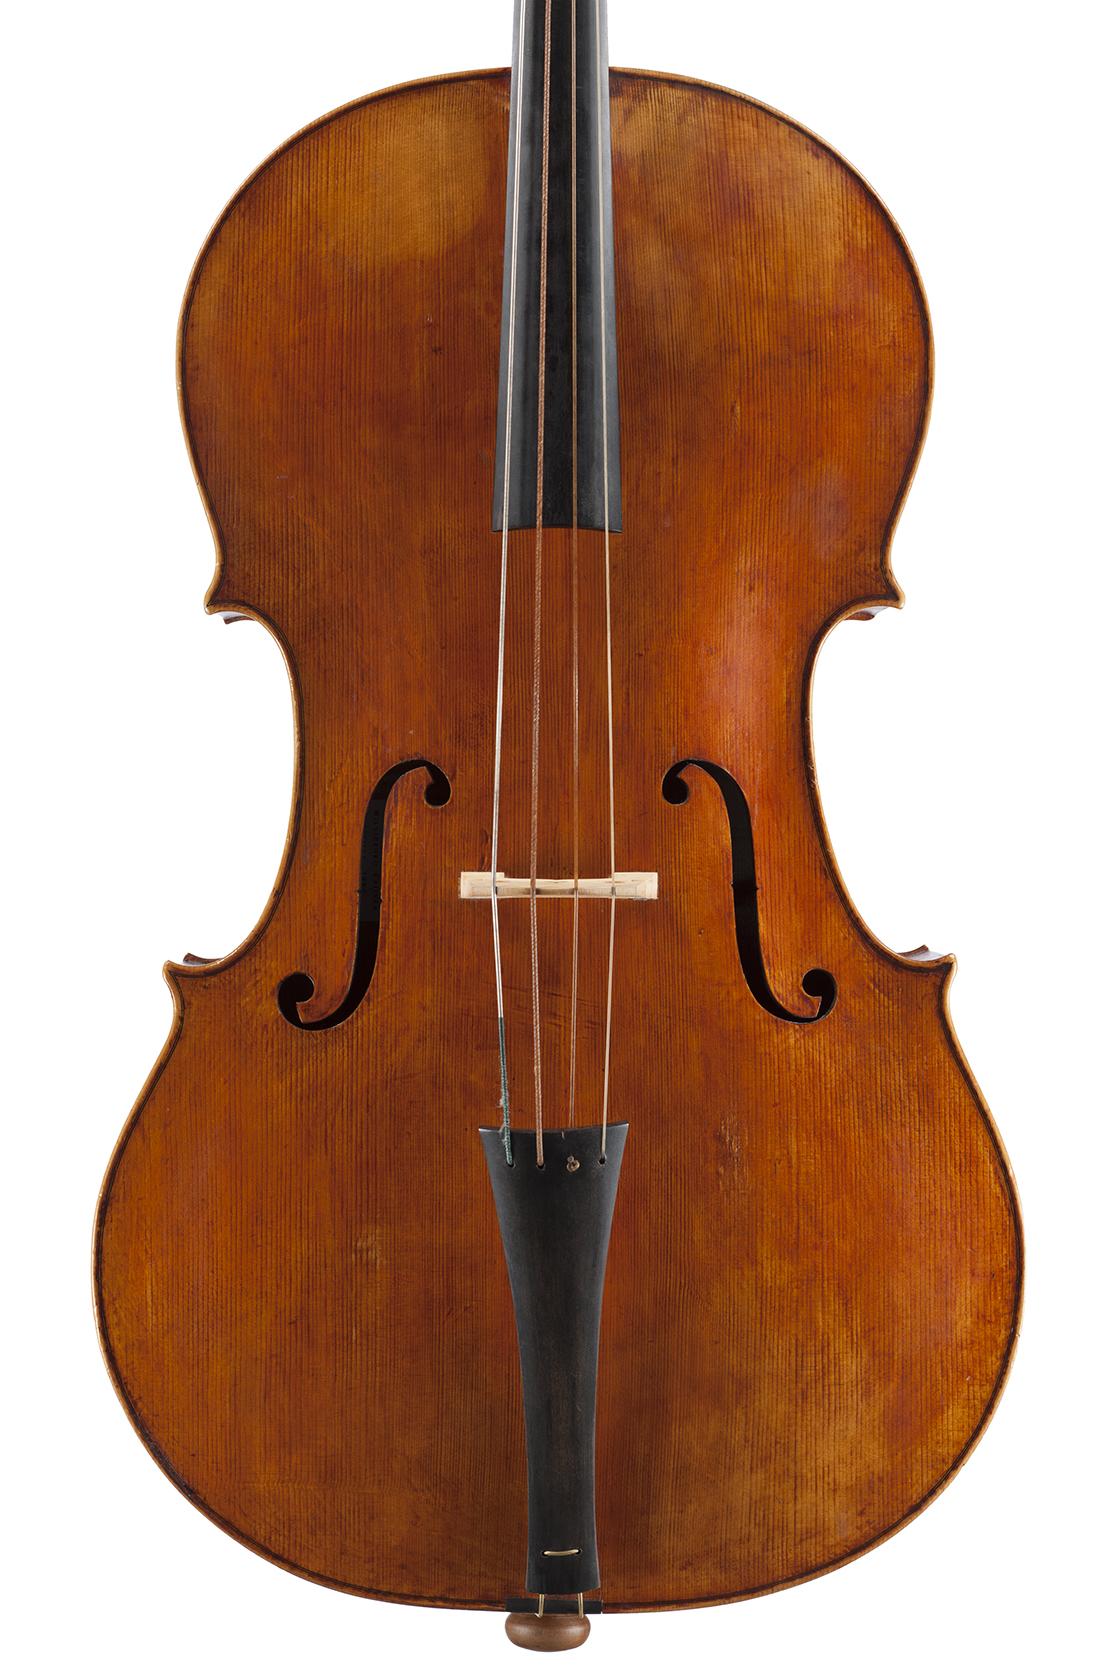 Crijnen-Baroque-'Cello-corpus-Detmar-Leertouwer-Dominus-Maris-Music-Productions.jpg